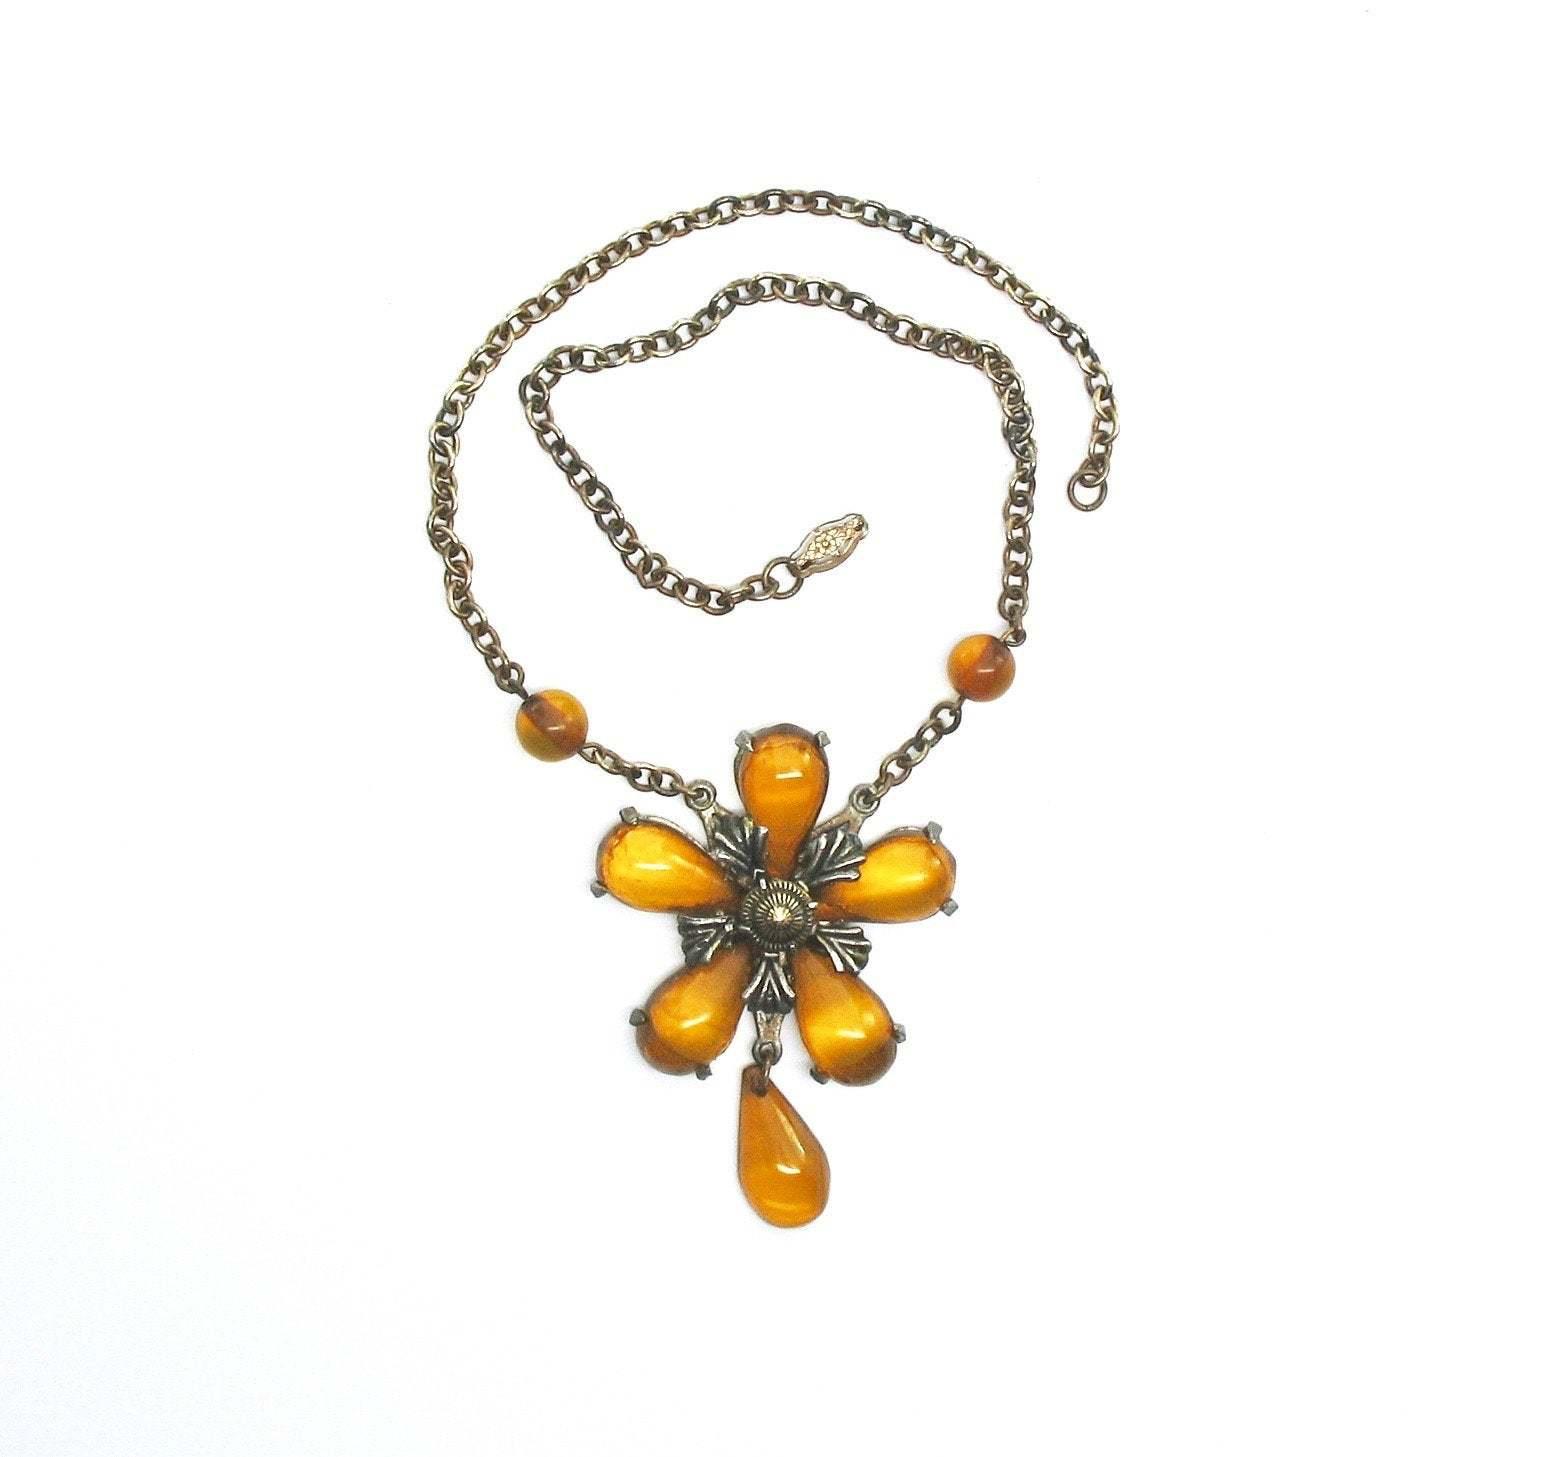 Bakelite Bib Necklace, Applejuice, Prystal, Tested, Teardrop, Dangle, 1930's, Br